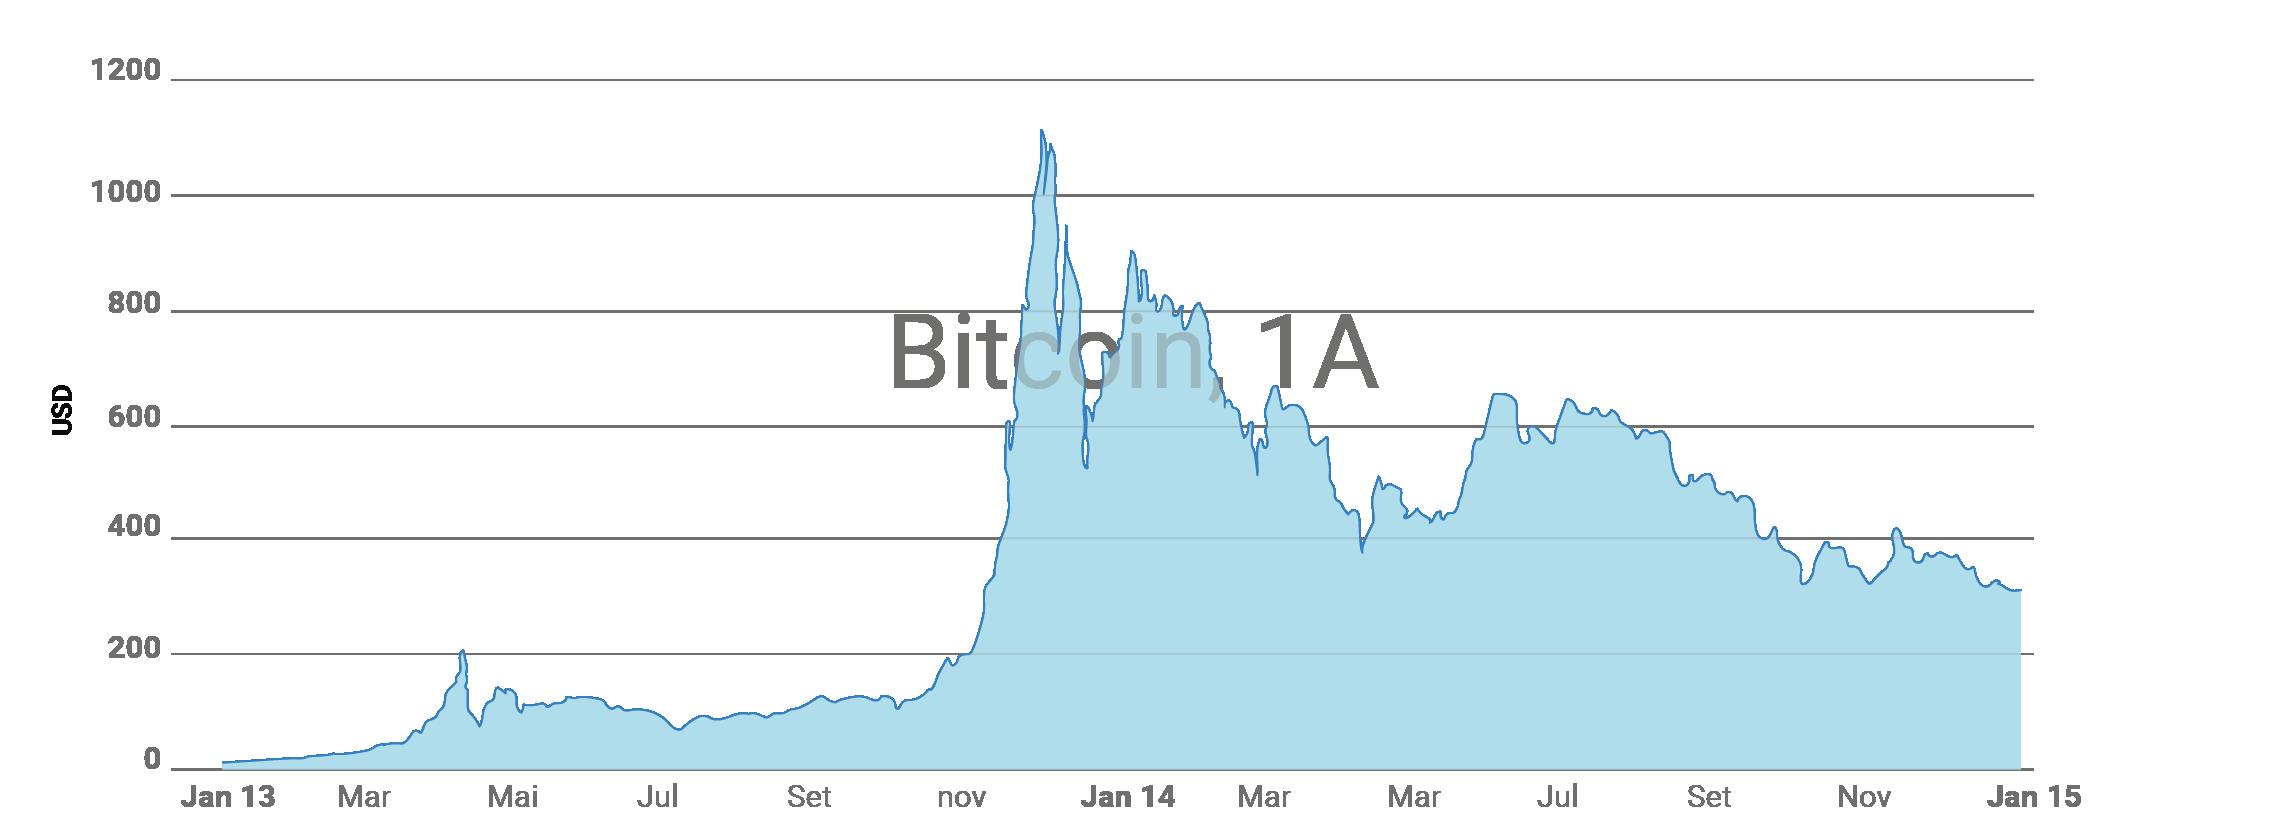 Valor do Bitcoin ao longo dos anos